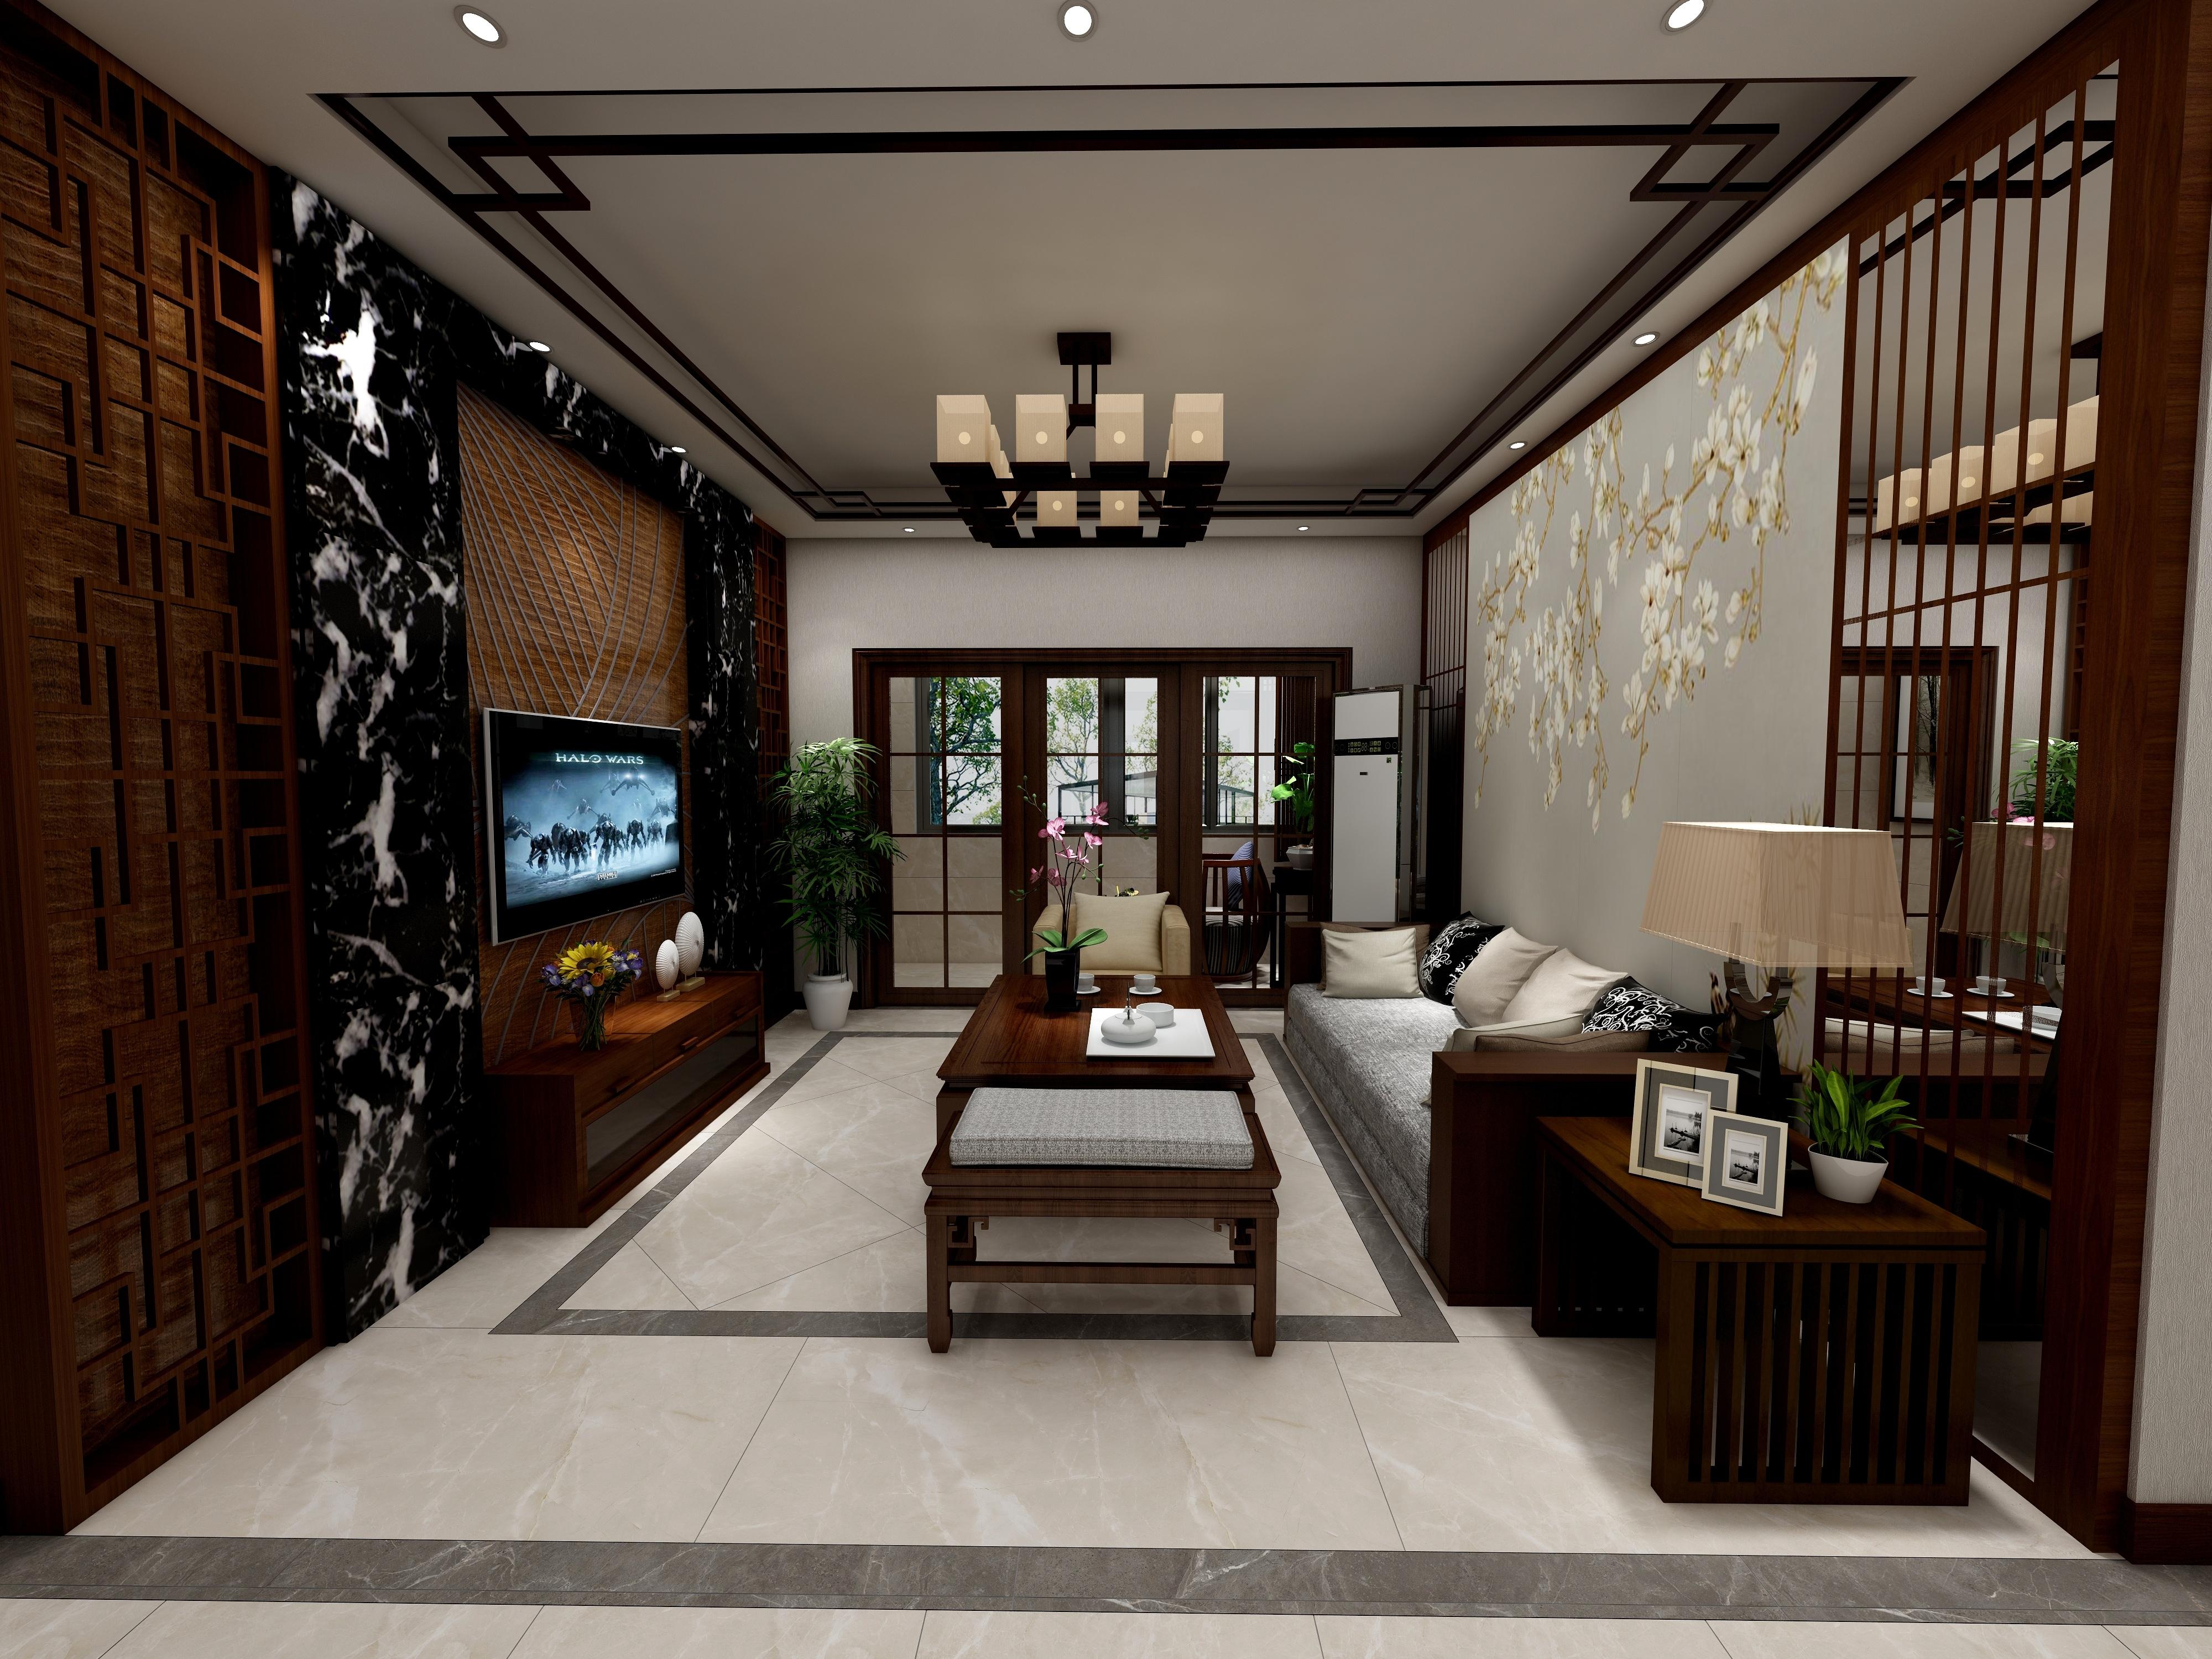 郑州迎宾路3号院-新中式风格-设计师:黄红妮